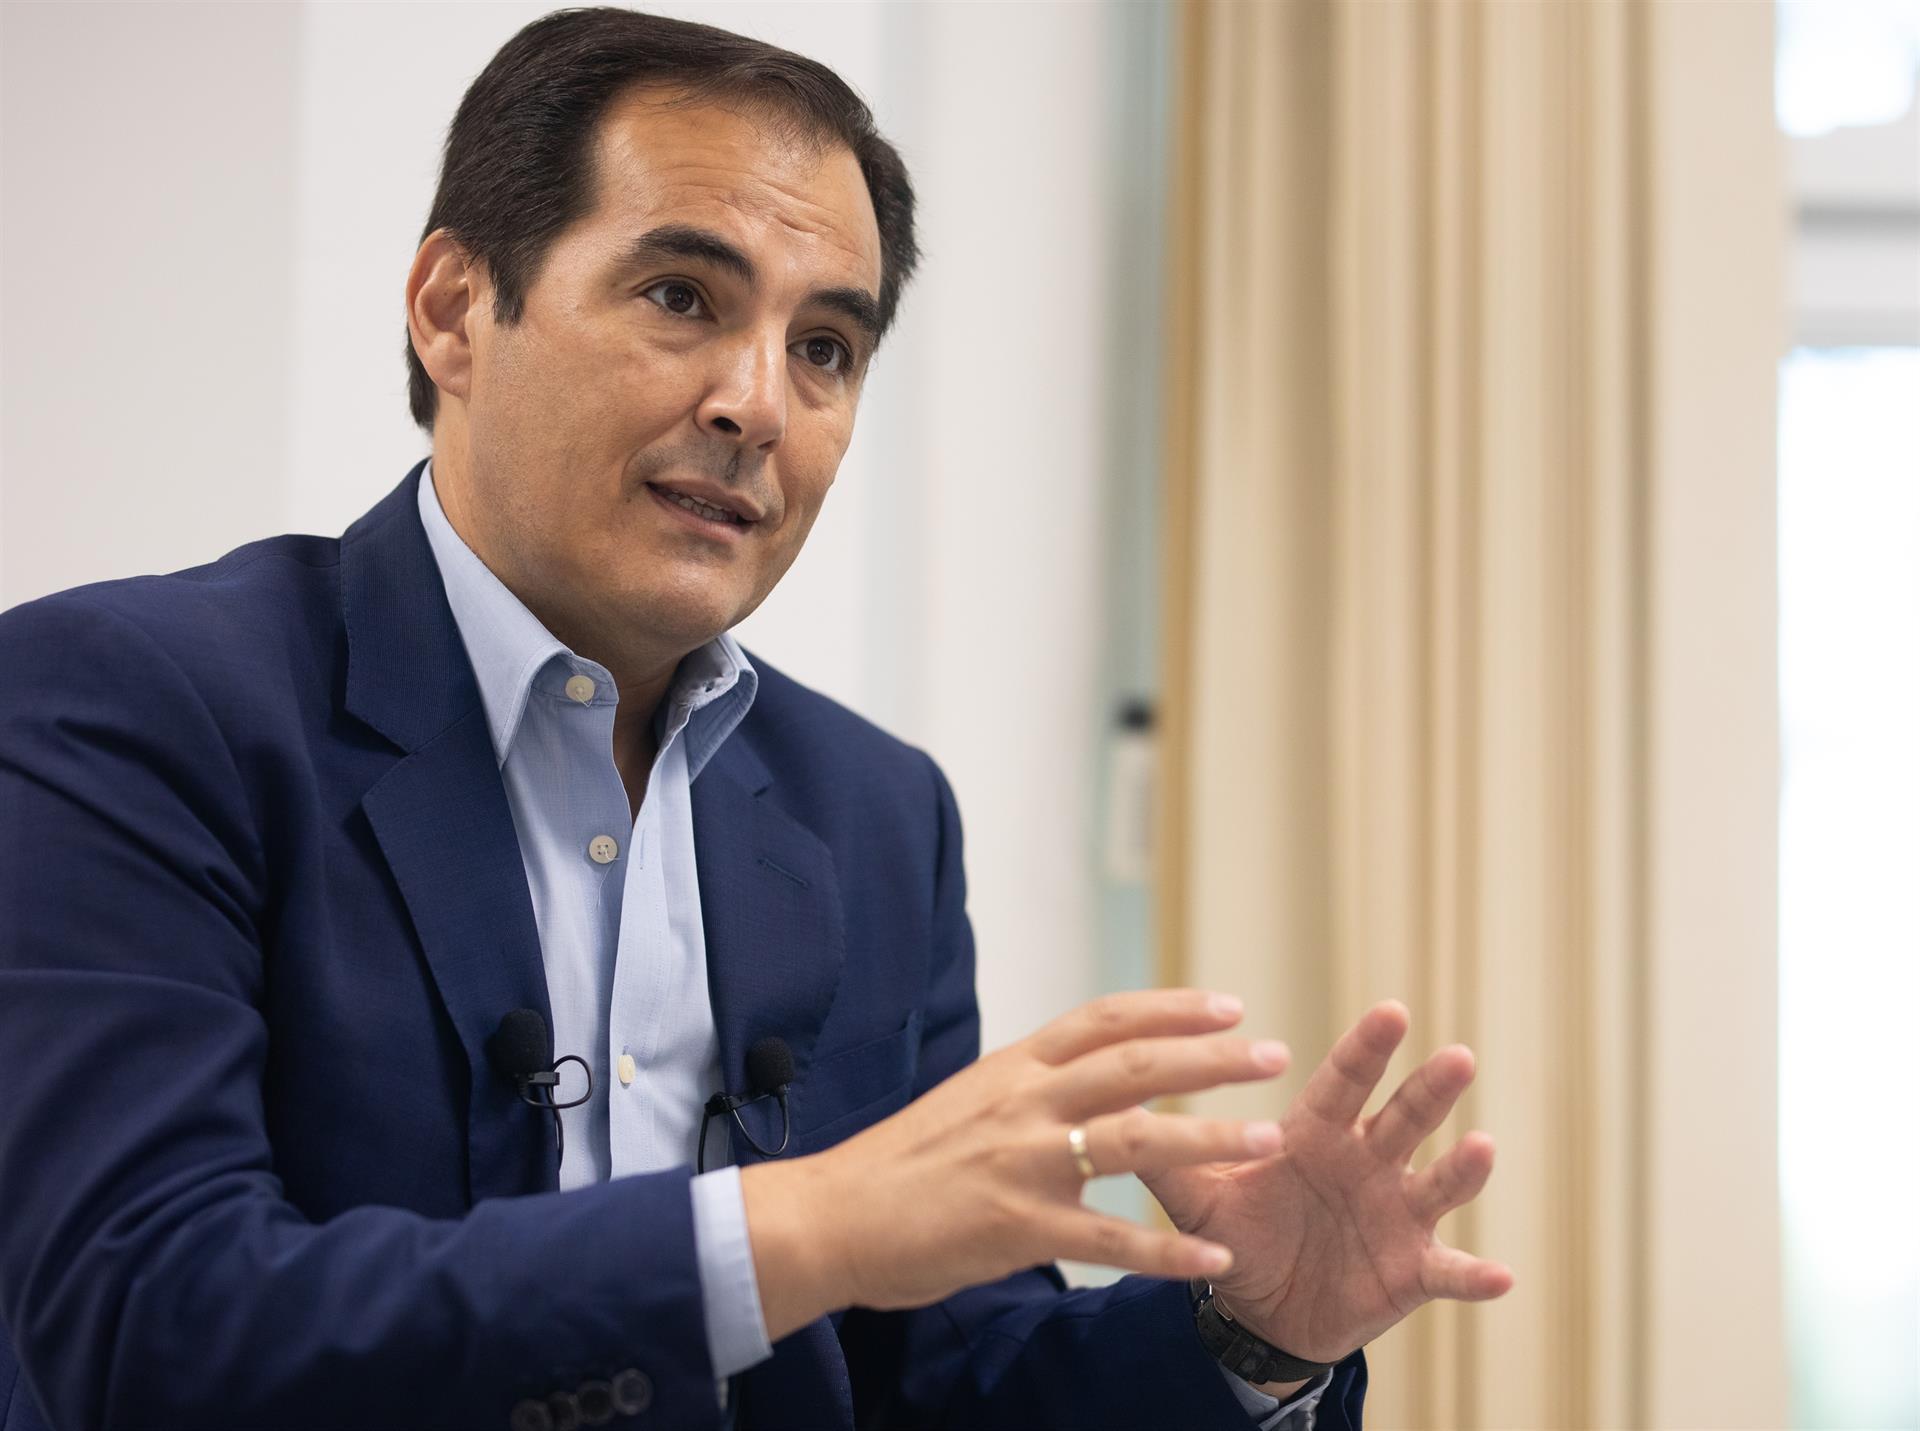 El PP espera la llegada de miembros de Cs en un futuro si el partido naranja no pudiera «consolidar» su proyecto